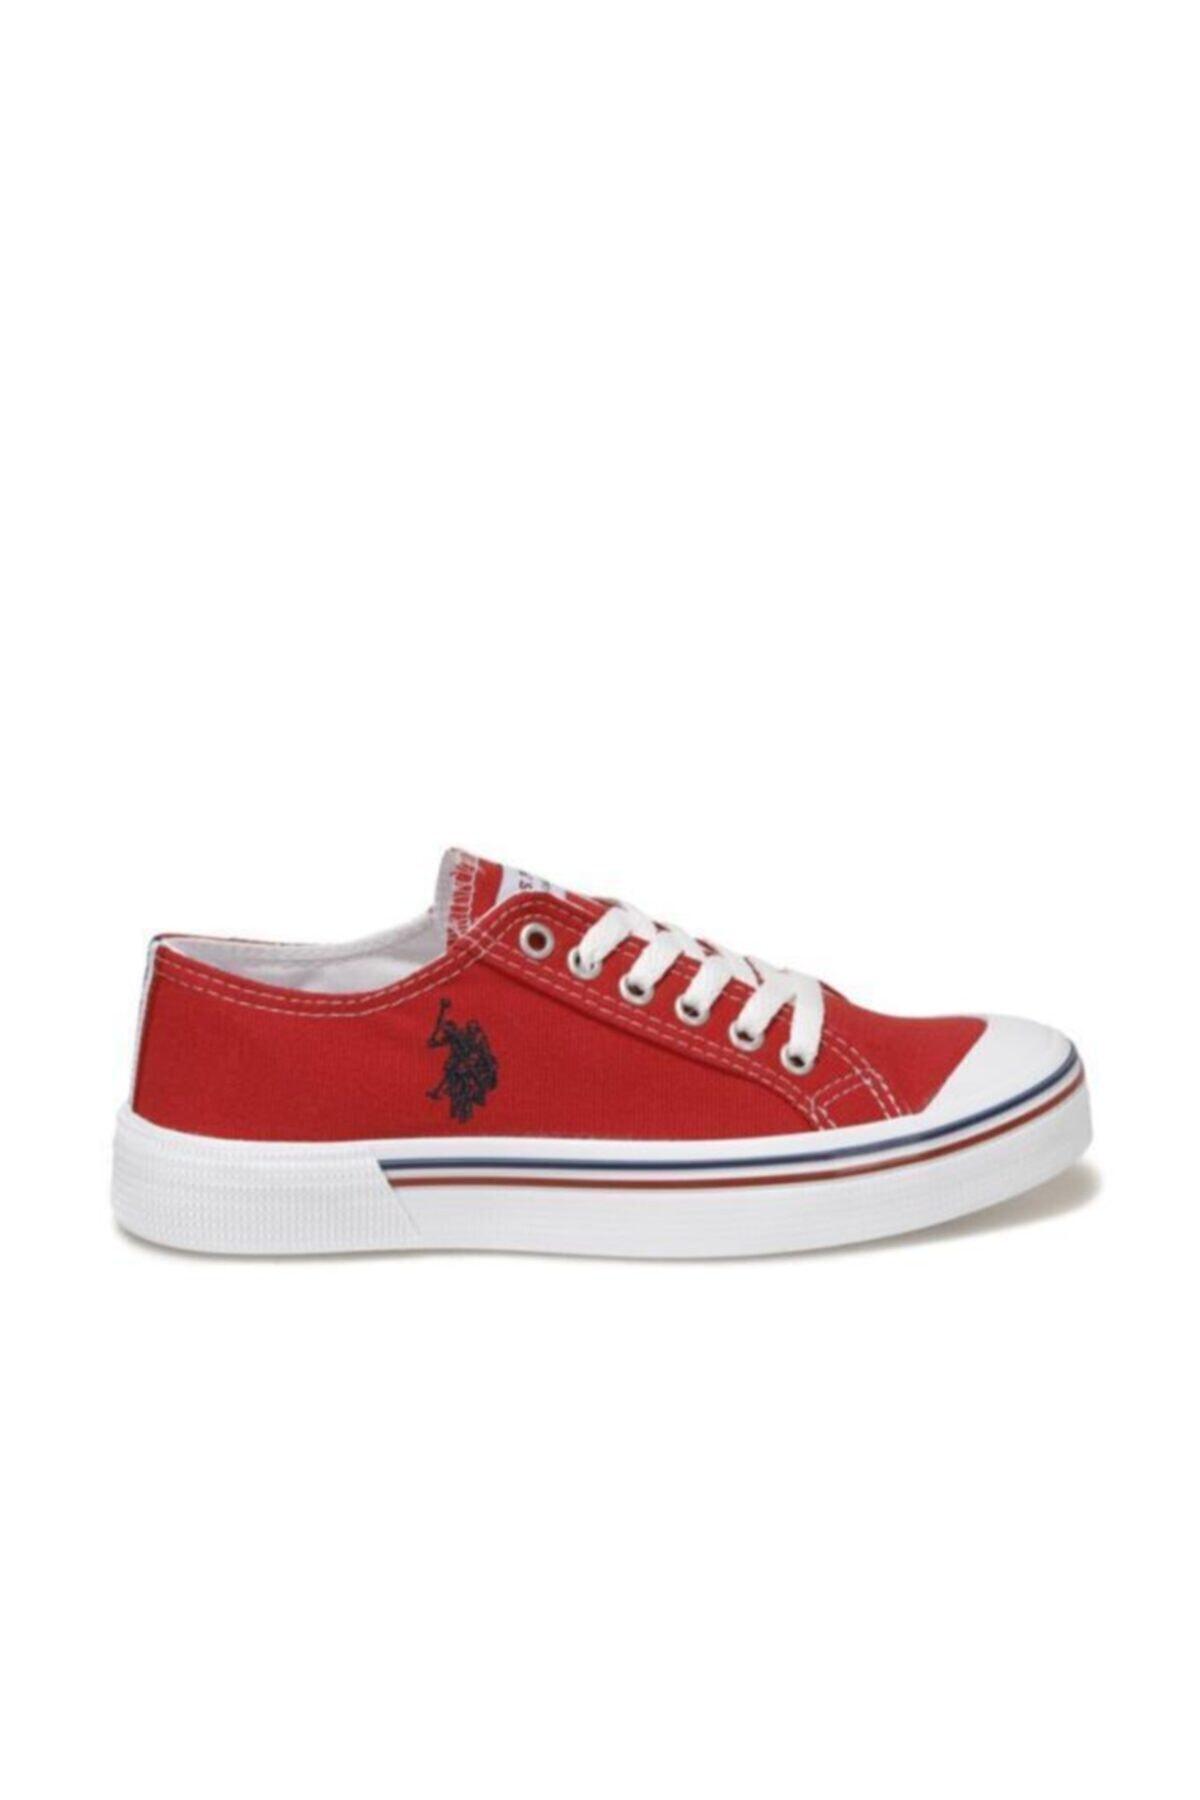 U.S. Polo Assn. Kadın Kırmızı Keten Ayakkabı 2